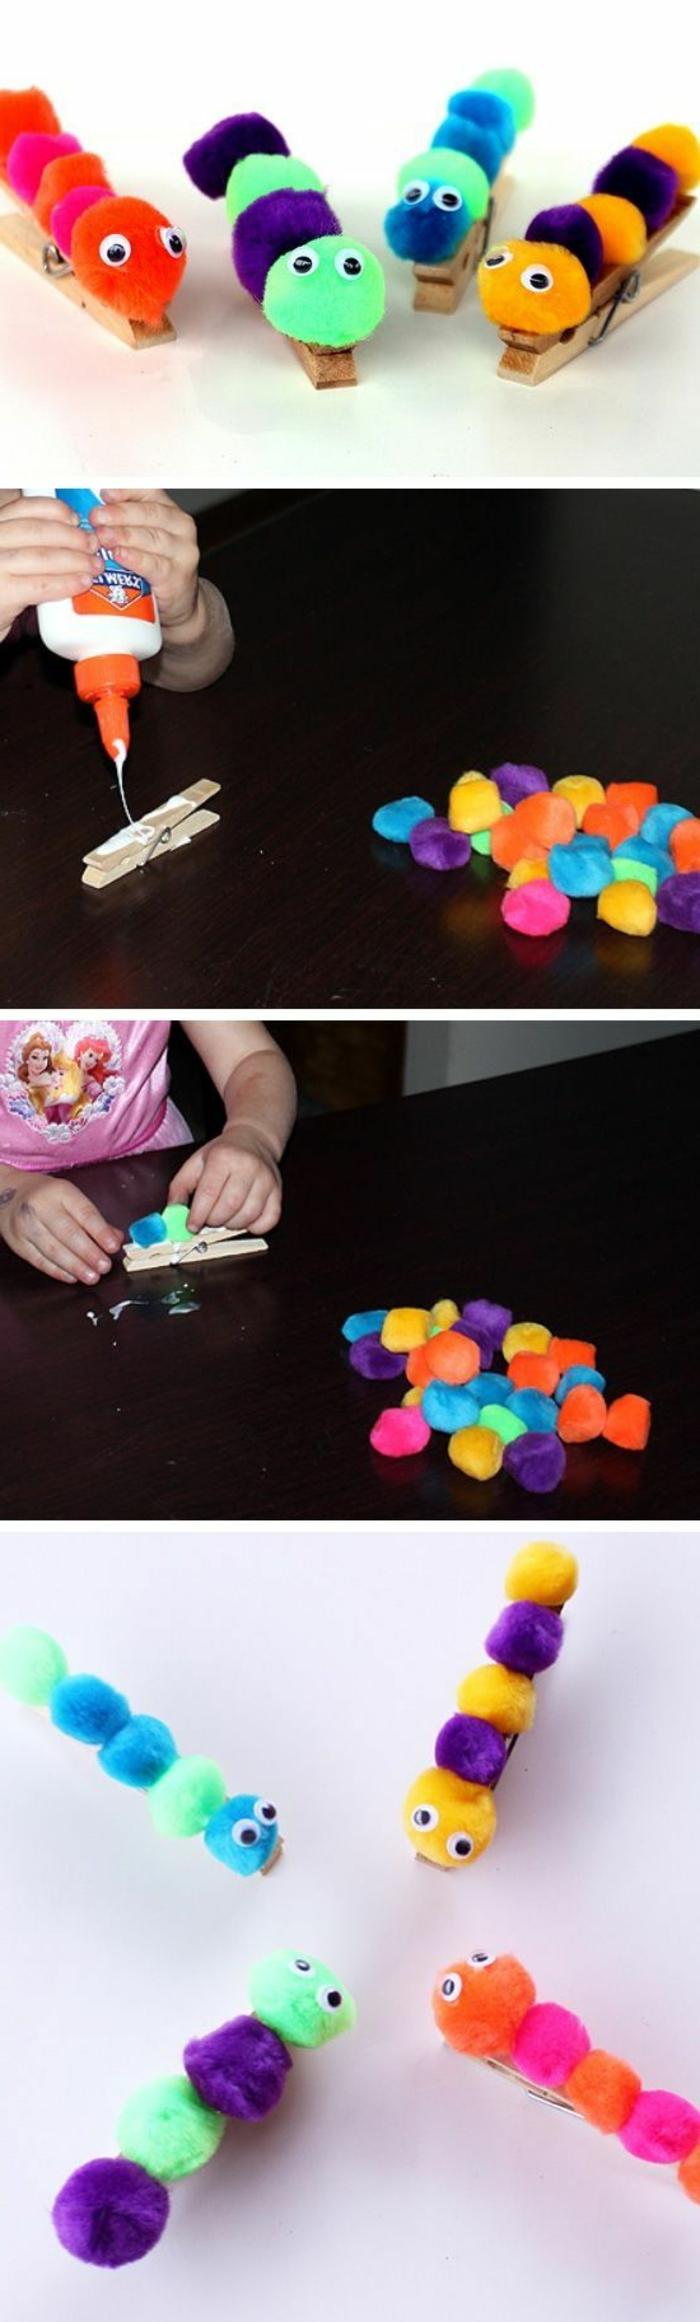 Kinder basteln, kleine Tierchen, Bastelvorlagen und Ideen zu schönen Designs, Bugs basteln